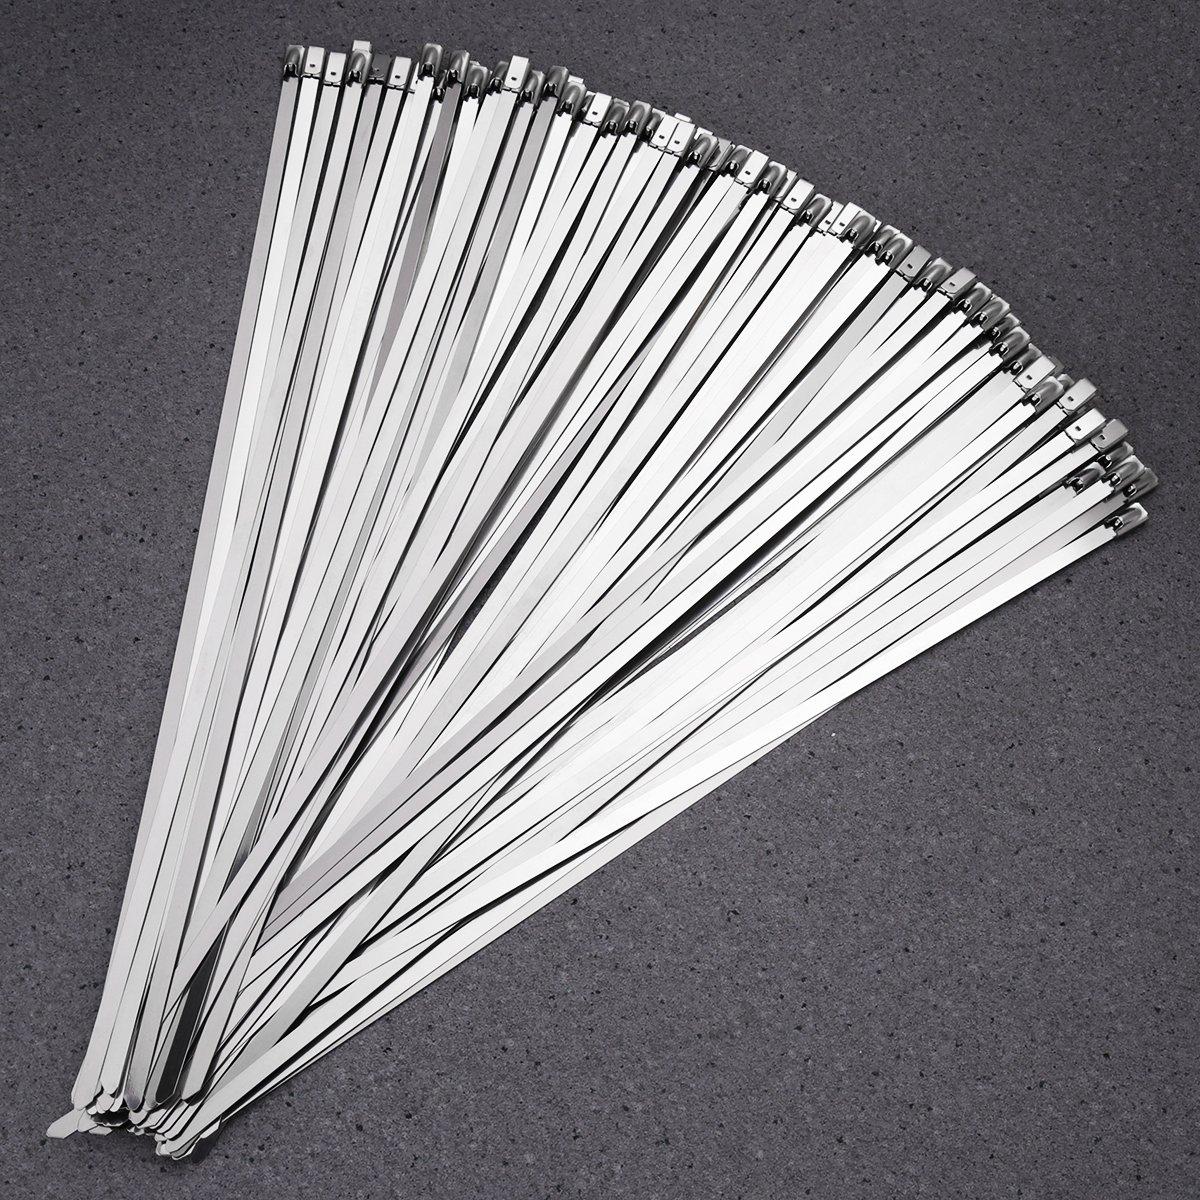 300/mm Abrazaderas de Cable de Acero Inoxidable OUNONA 100/Piezas 4.6/mm